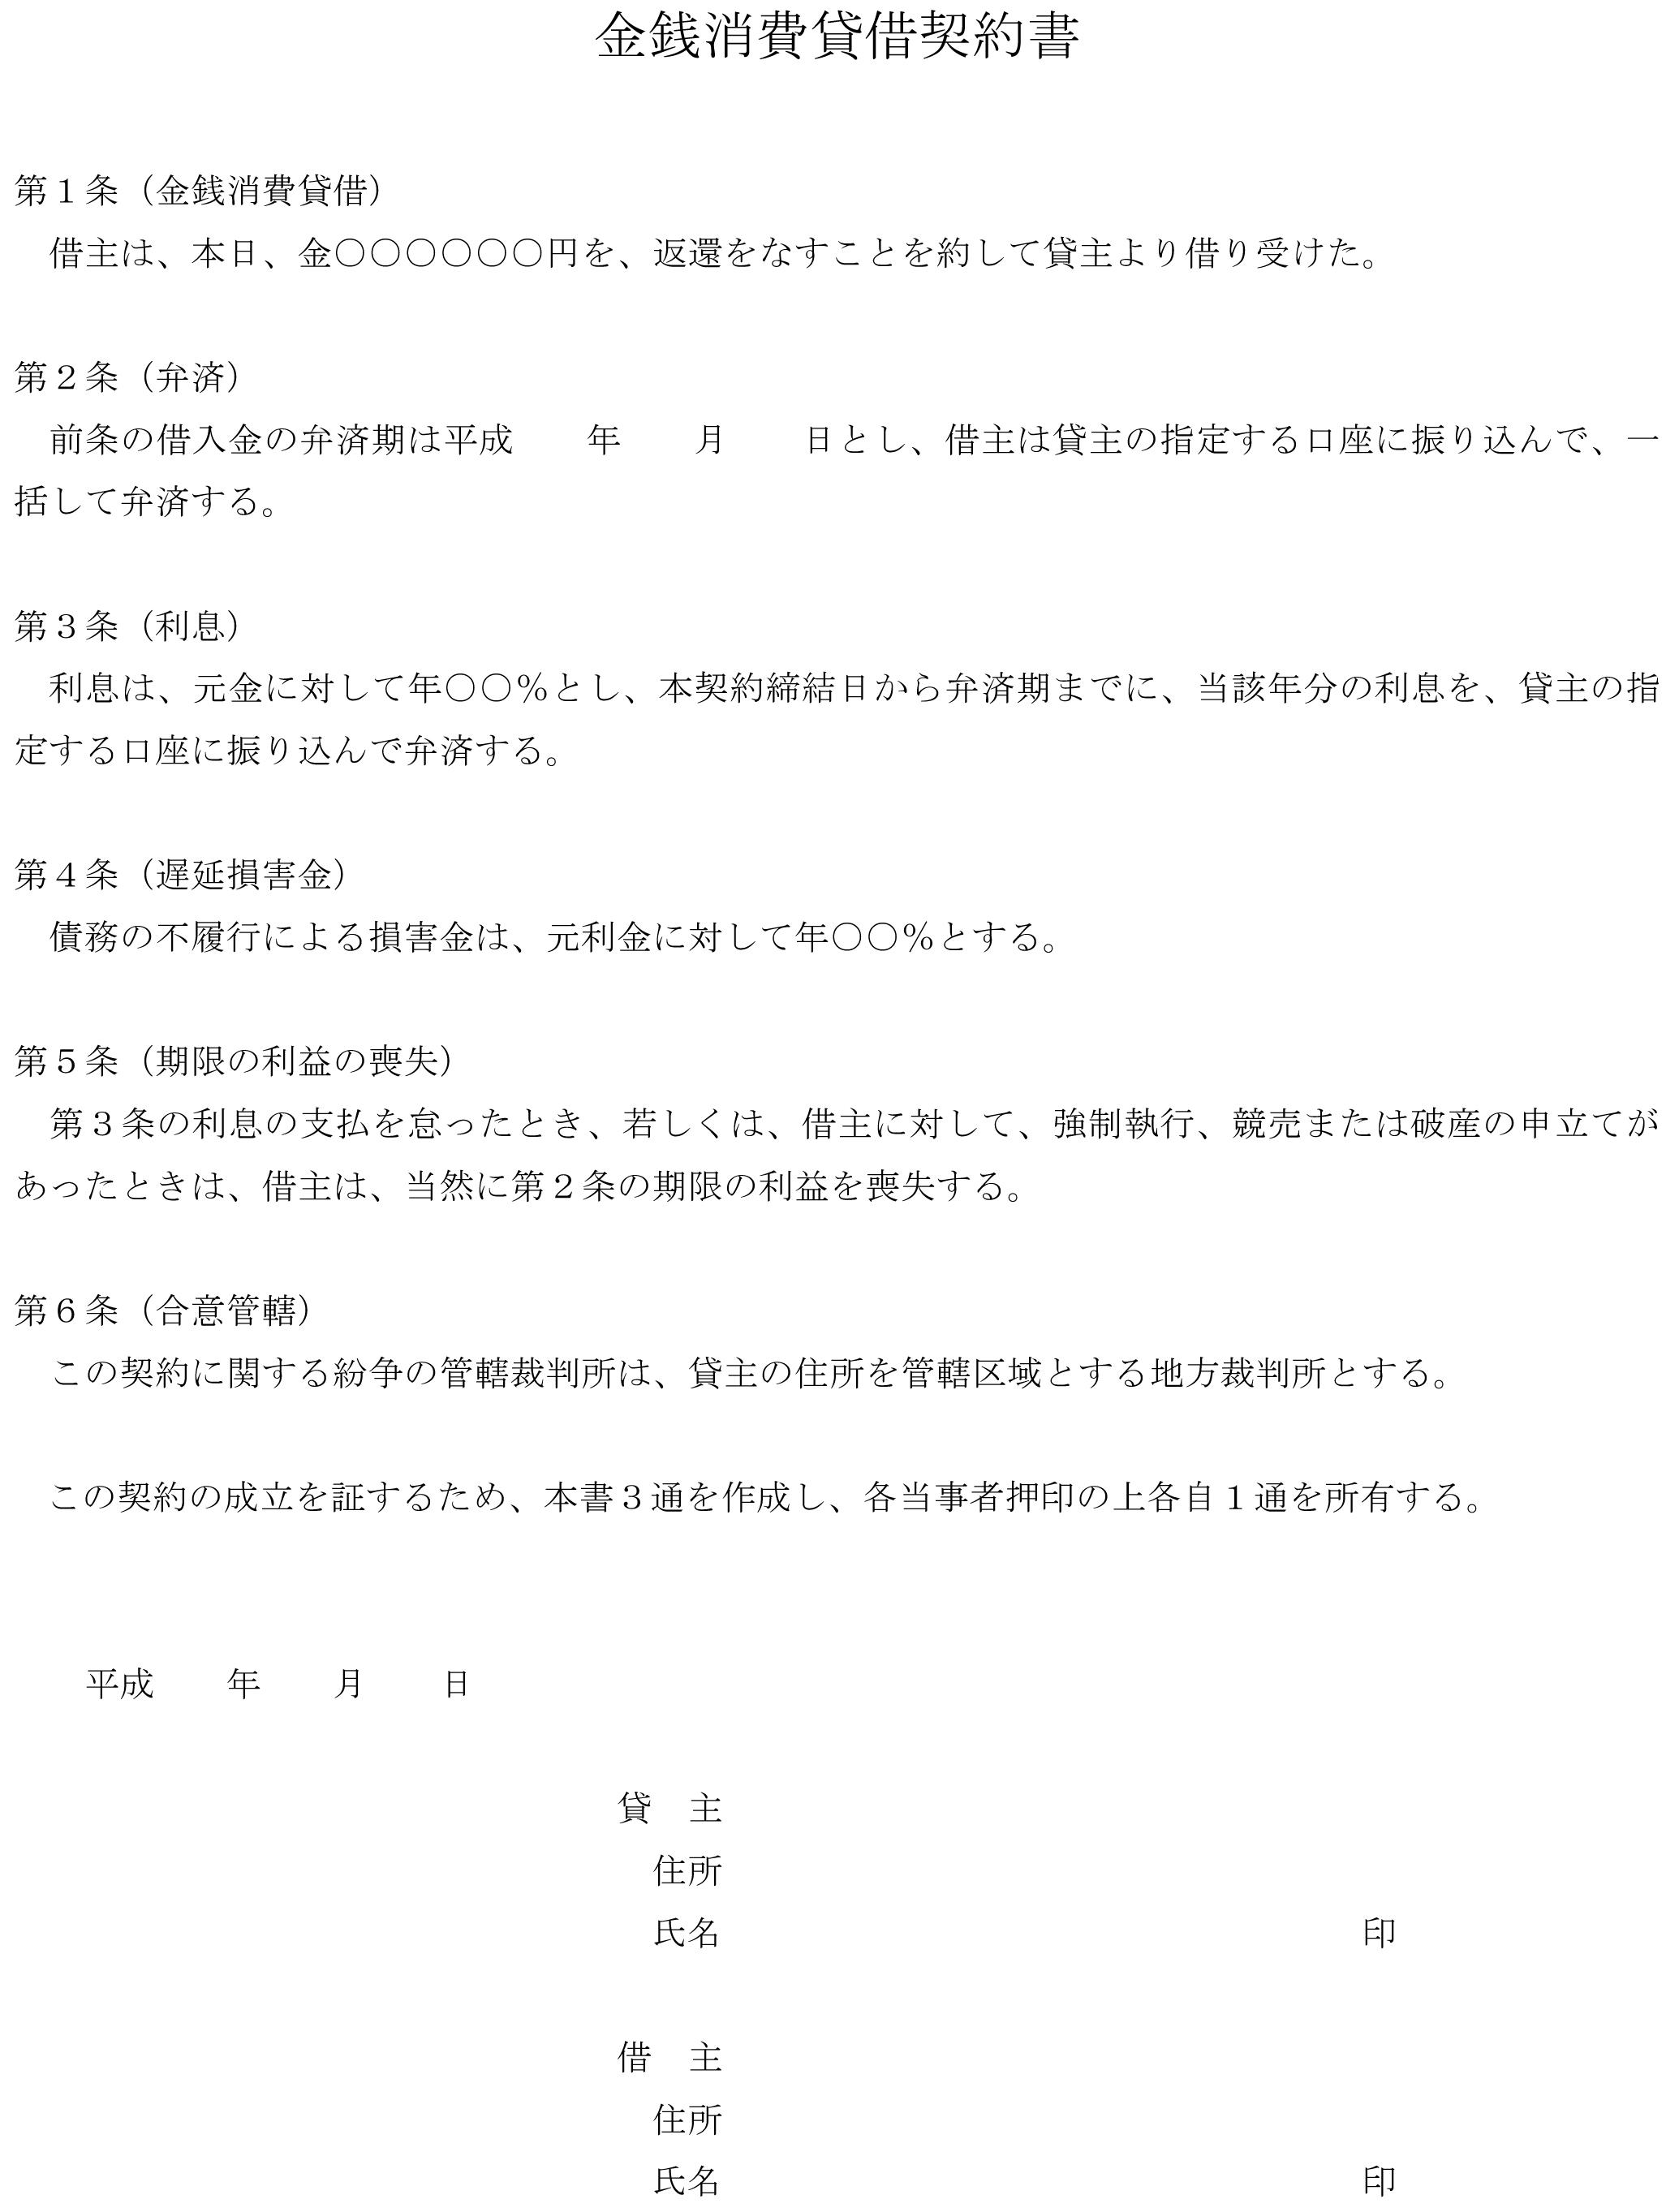 金銭消費貸借契約書05